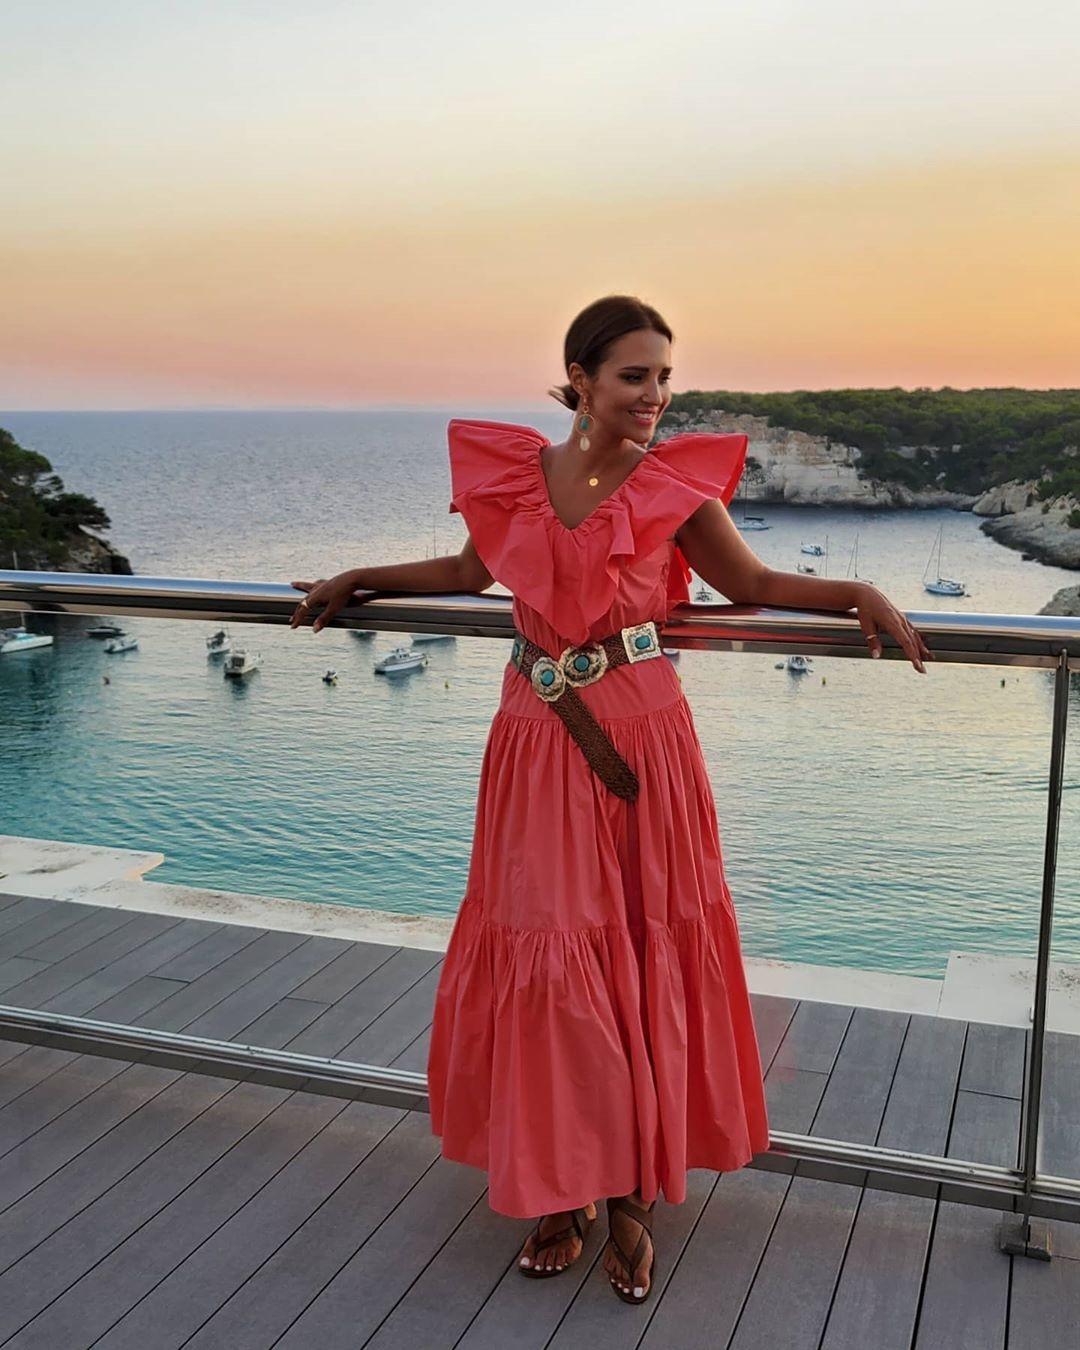 Todo al coral: Paula Echevarría apuesta por un vestido ideal